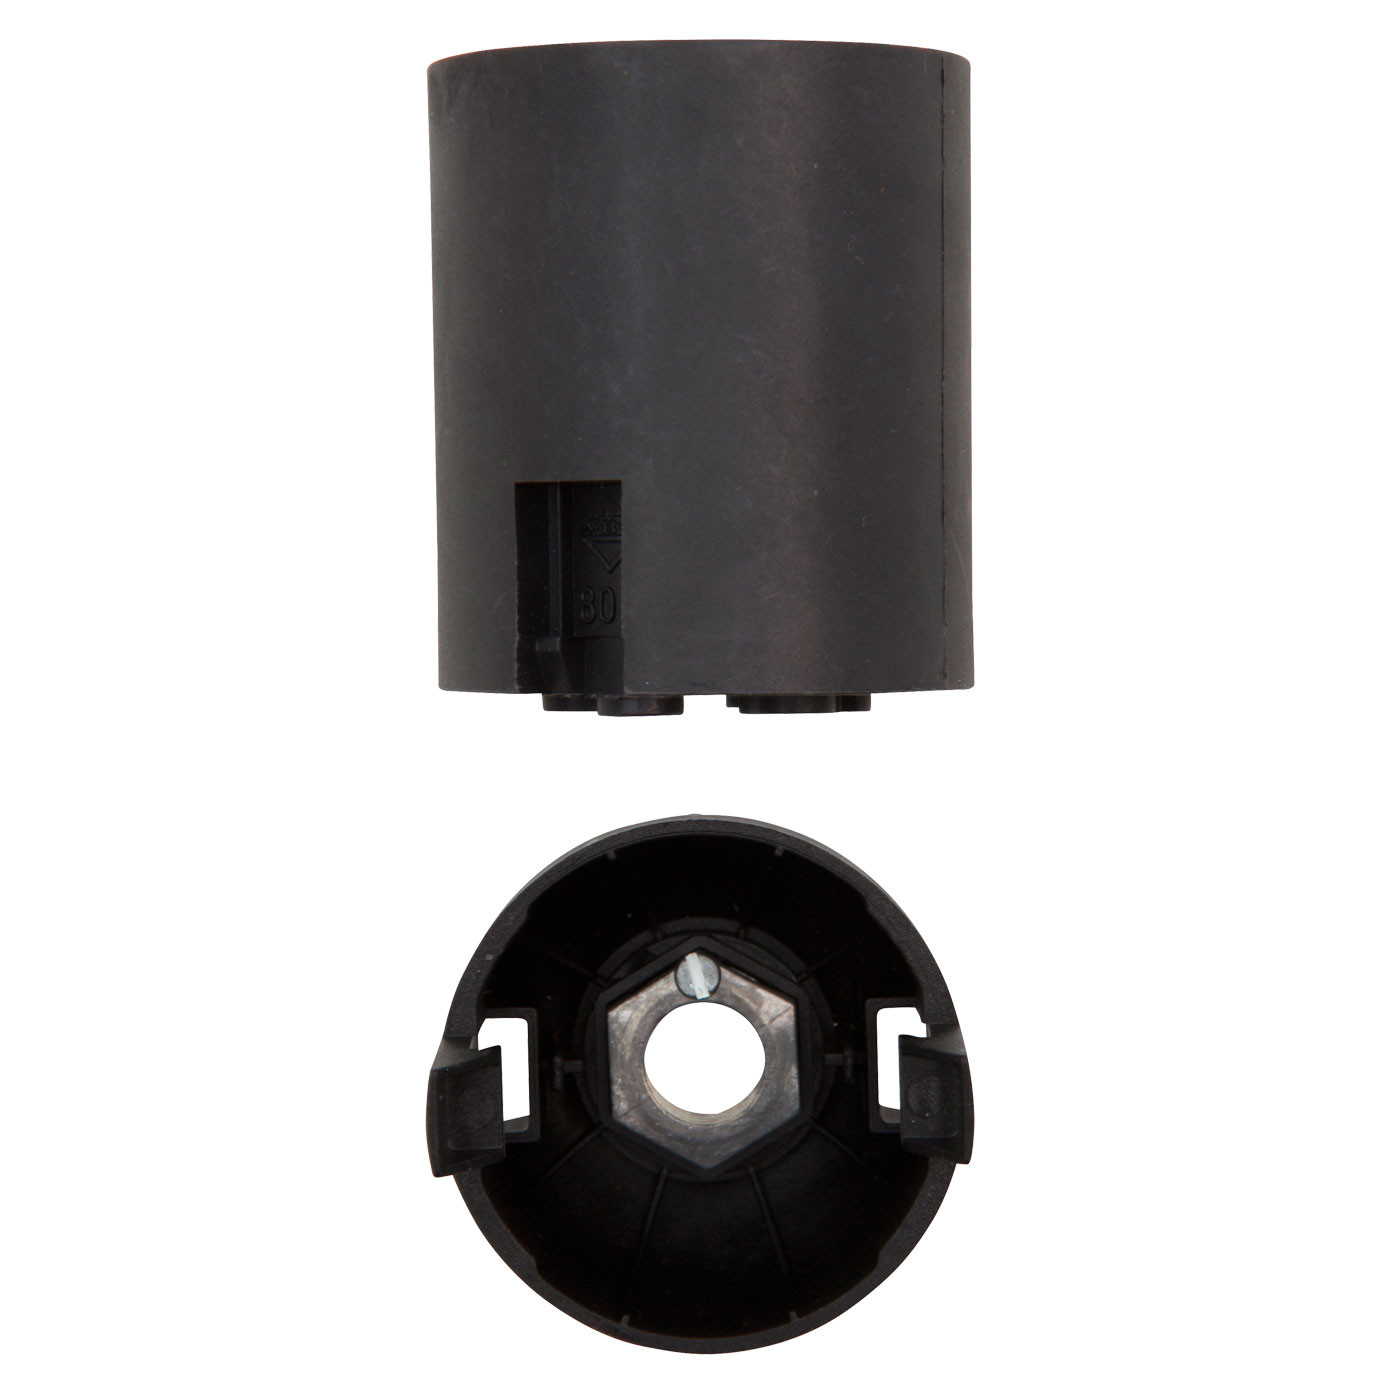 Flos Ersatzteile für Glo-Ball F1